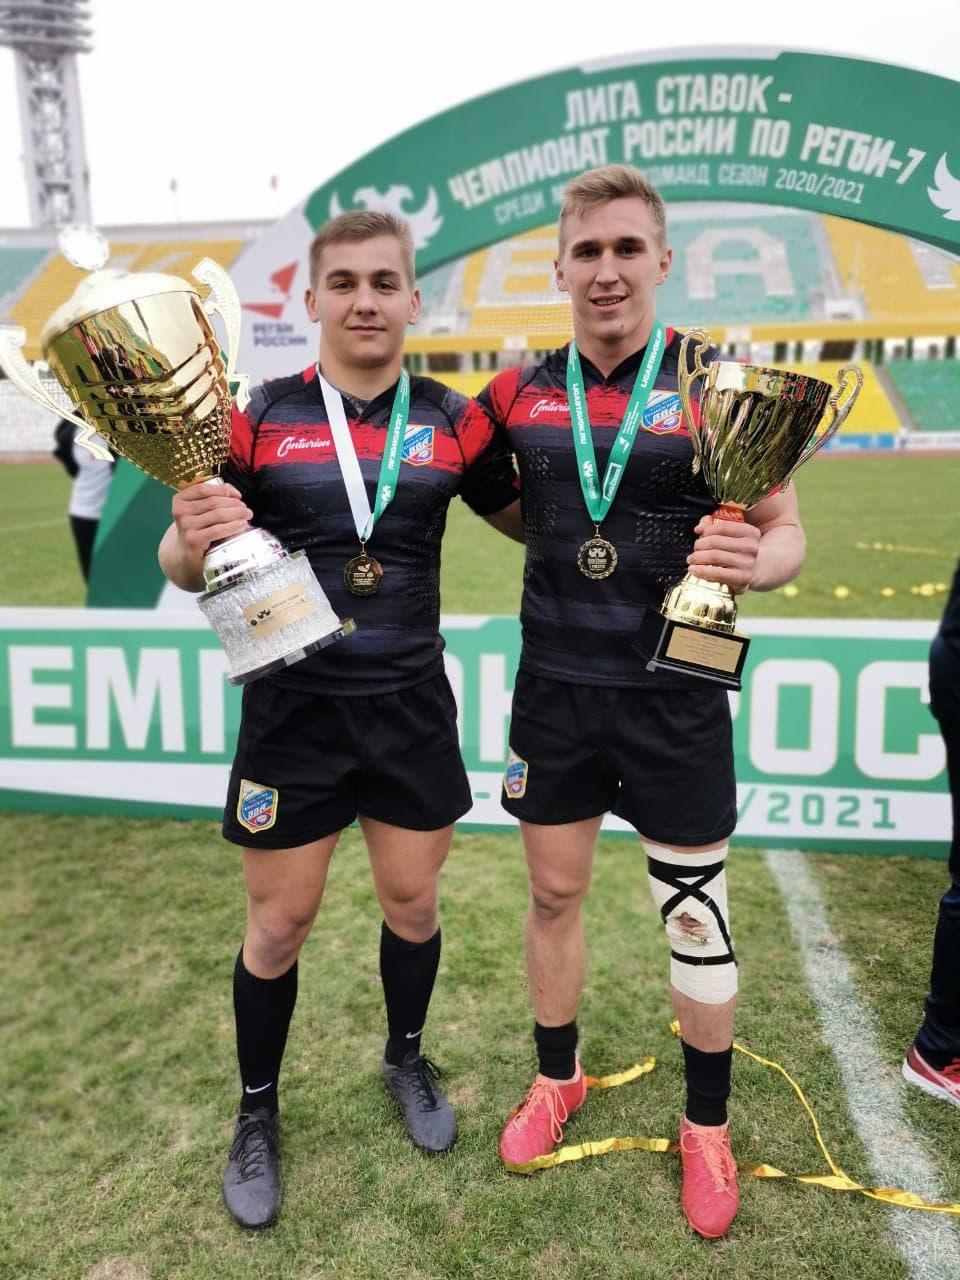 Мужская команда «ВВА-Подмосковье» стала победителем чемпионата России по регби-7